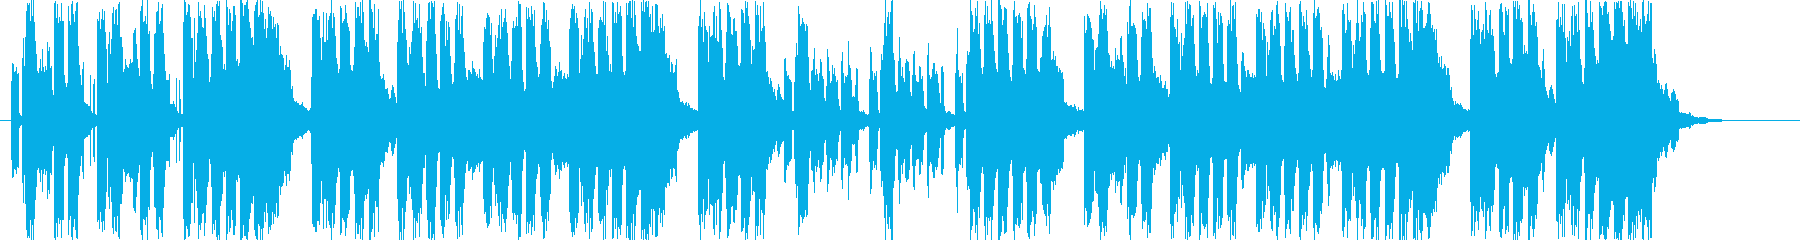 誕生日EDMハッピーバースデートゥーユーの再生済みの波形